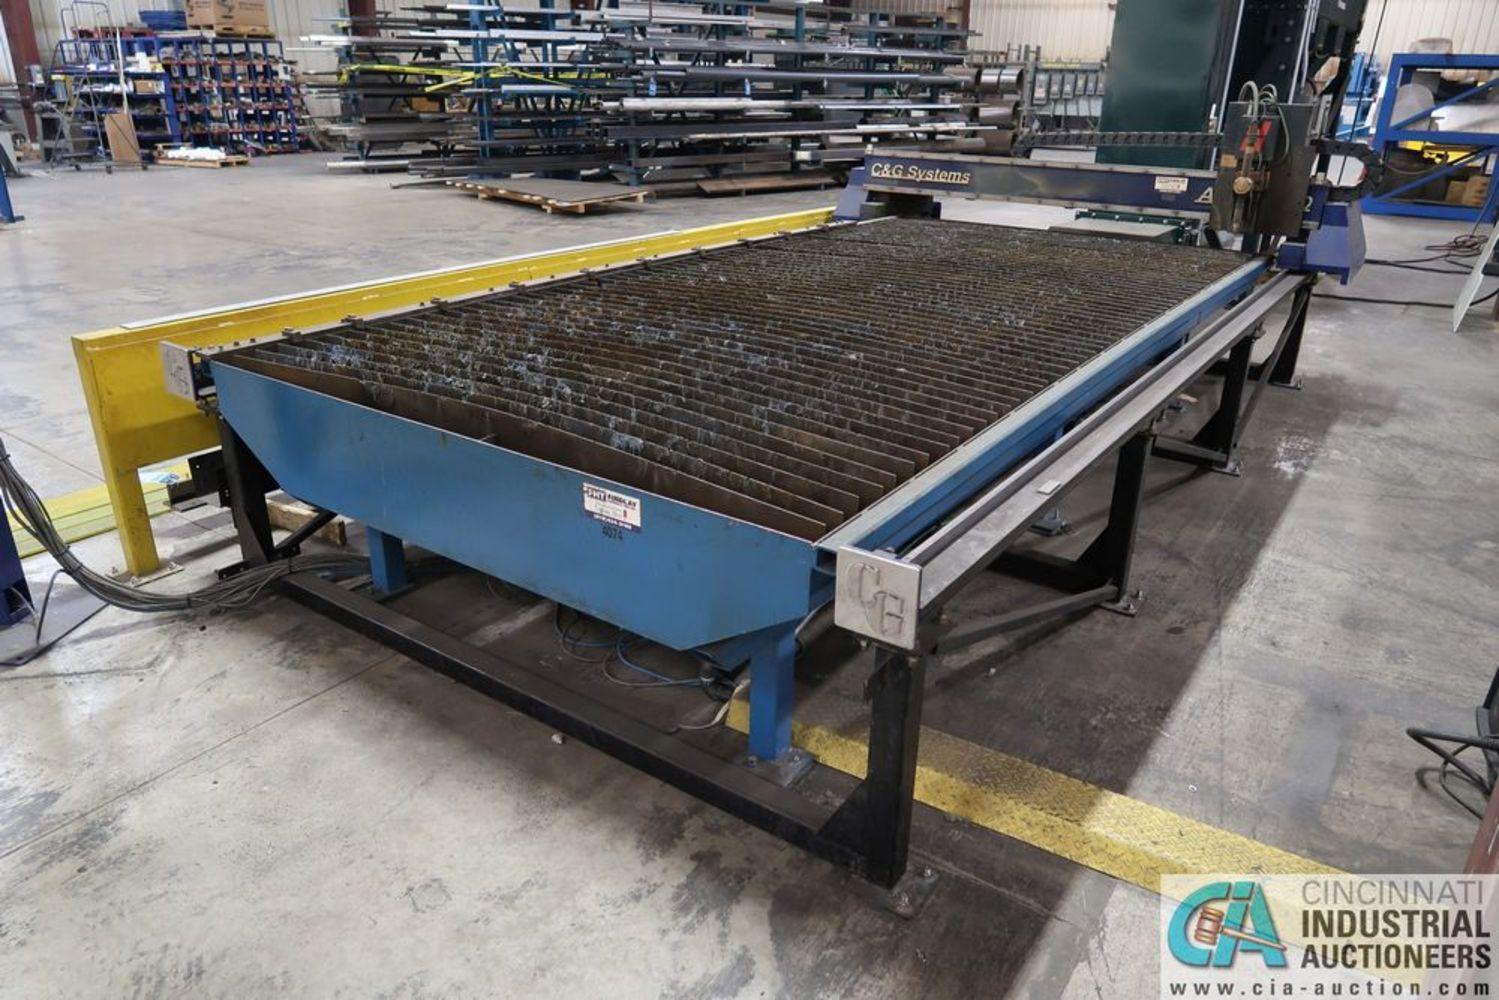 SURPLUS EQUIPMENT OF FMT MACHINING - Metal Fabricating Machinery